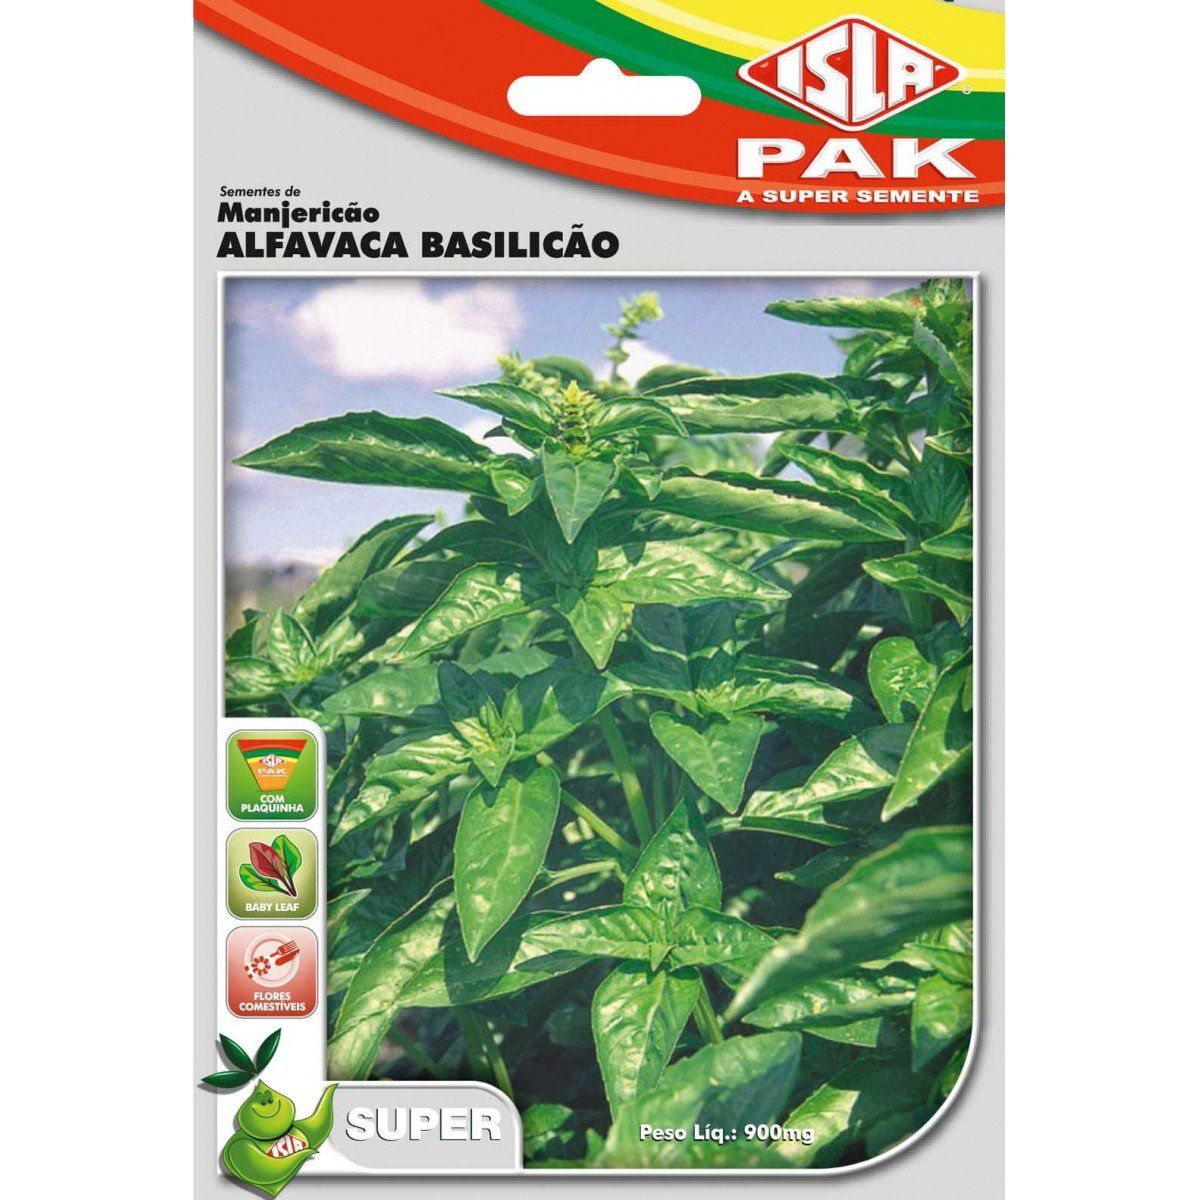 Sementes de Manjericão Alfavaca Basilicão - Isla Superpak